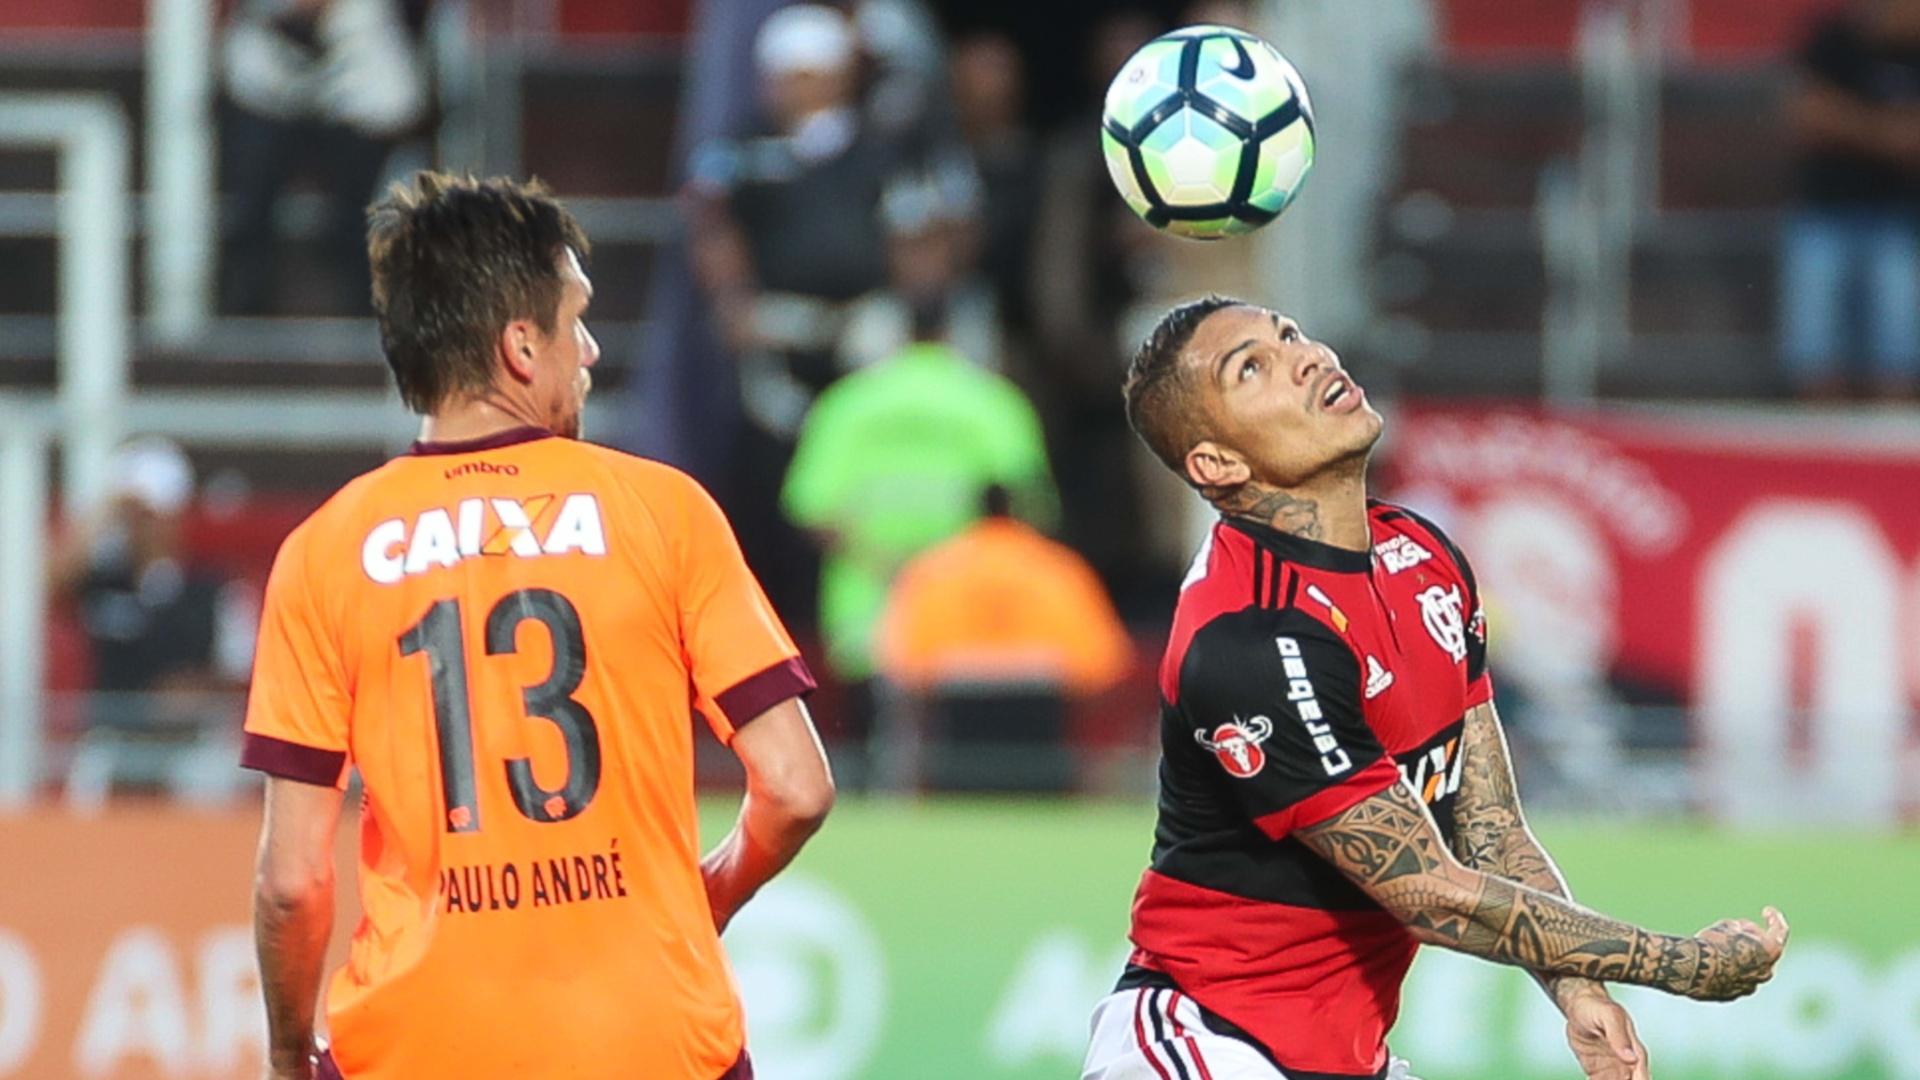 Paulo André observa domínio de bola de Guerrero na vitória do Flamengo sobre o Atlético-PR